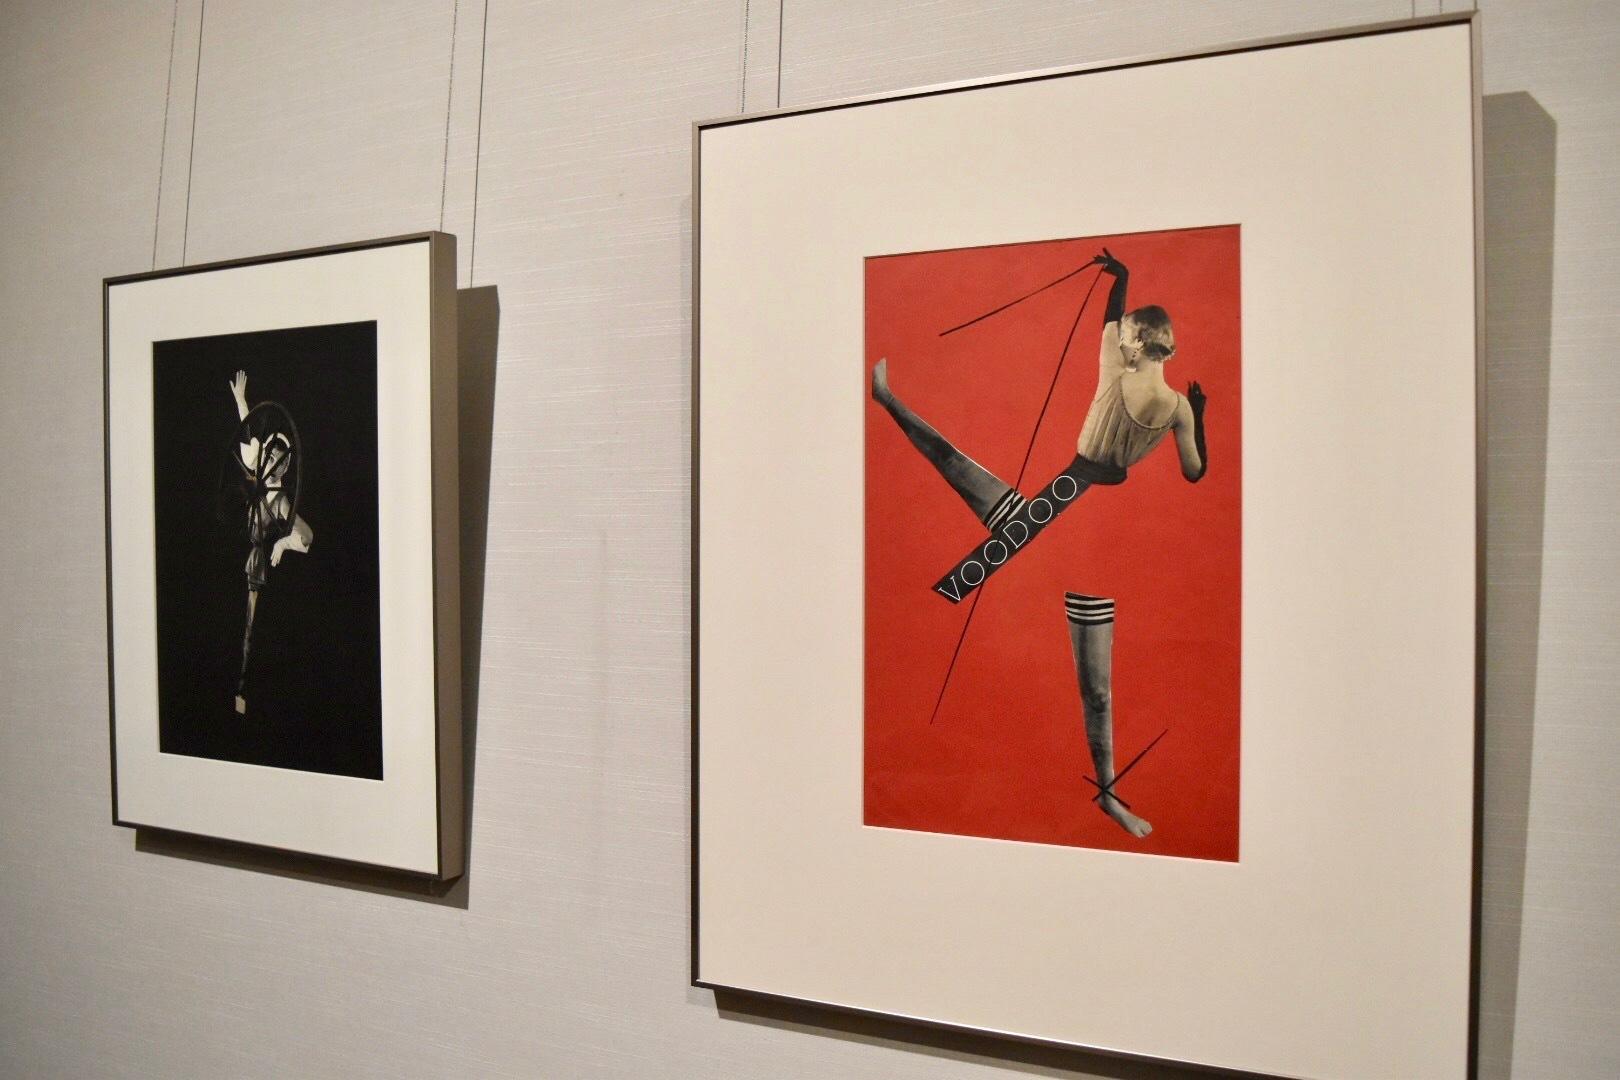 右:岡上淑子 《ポスター》(旧題:作品B) 1950年 左奥:岡上淑子 《轍》 1951年